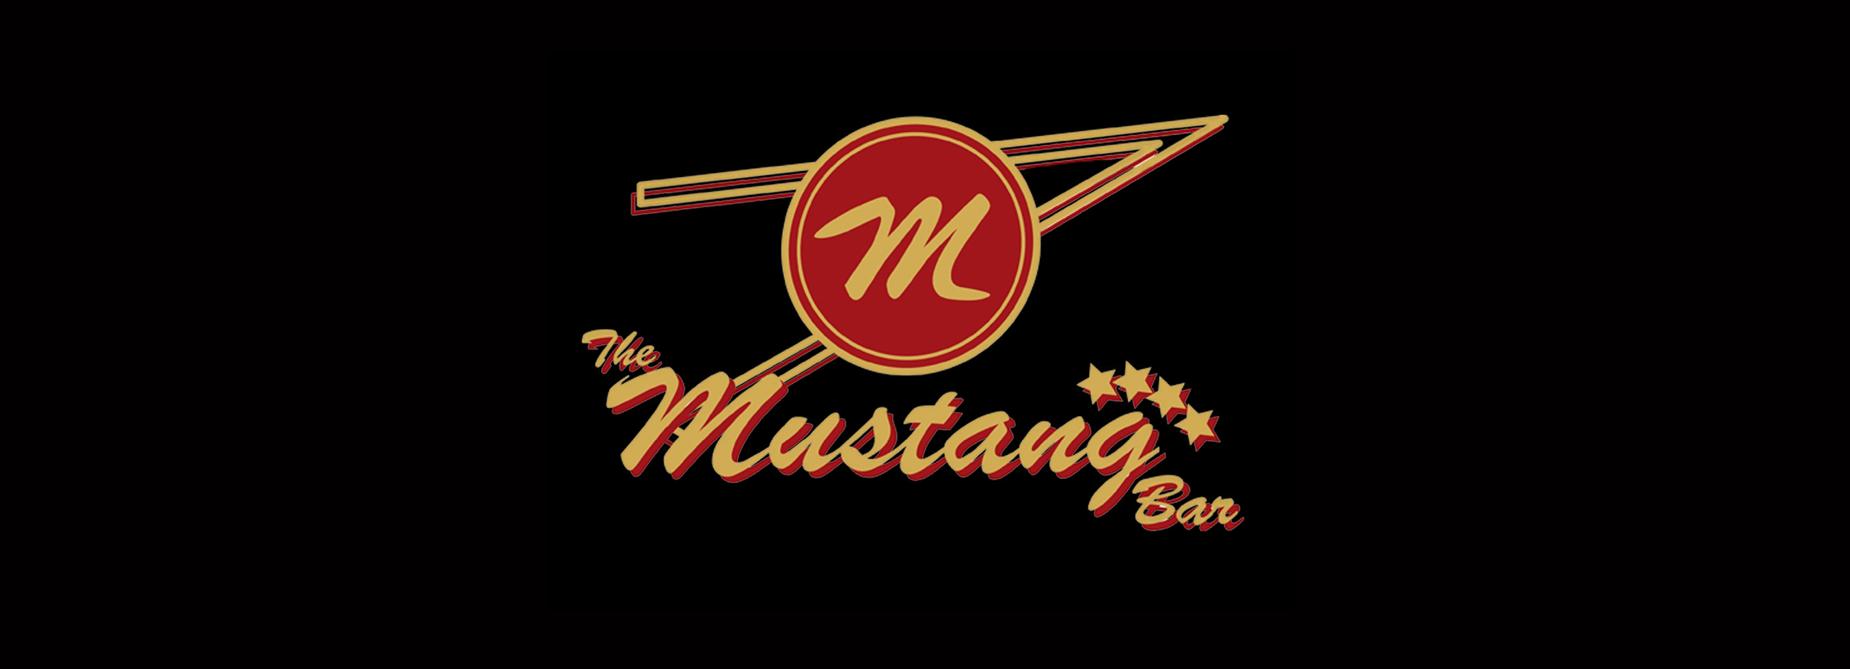 Mustang Bar Logo